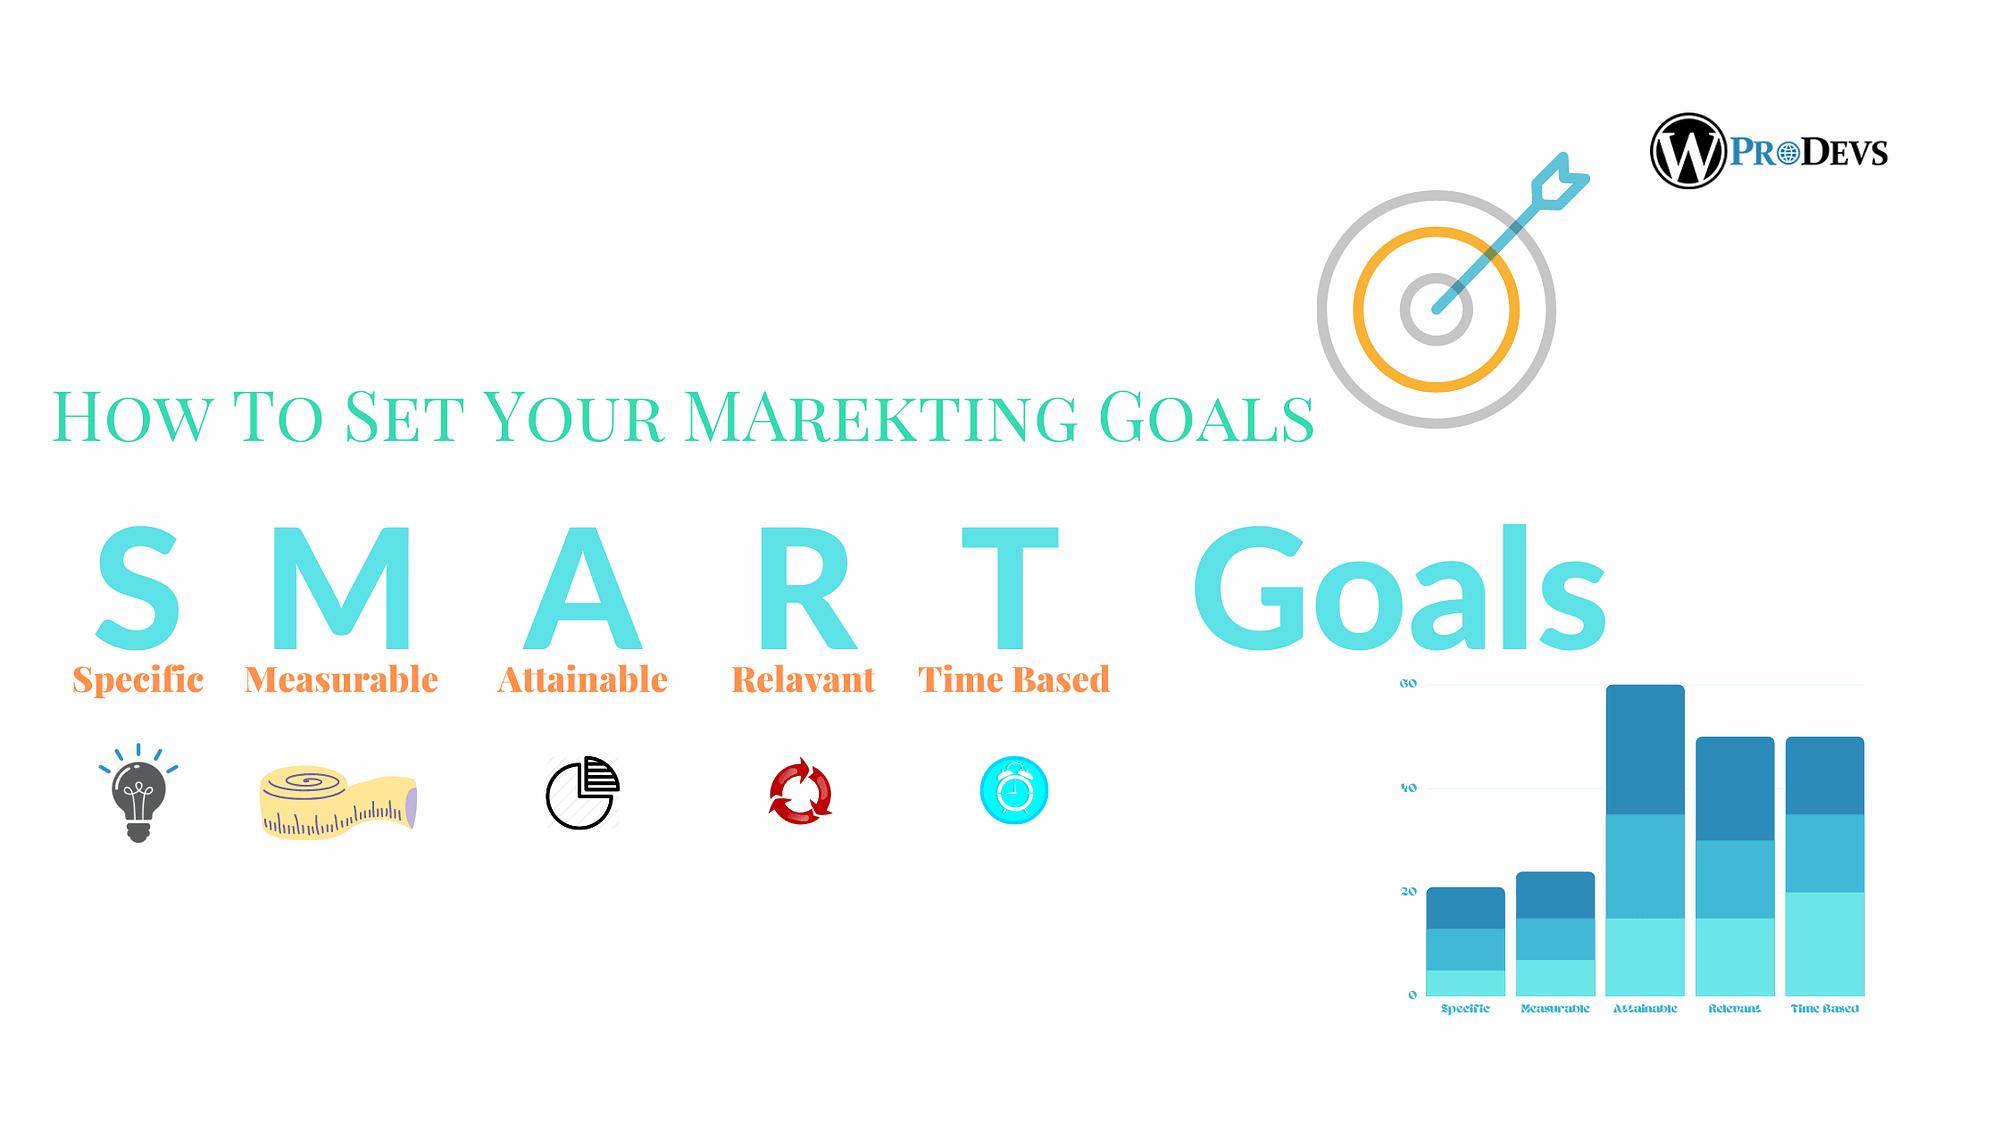 SMART Marketing Goals